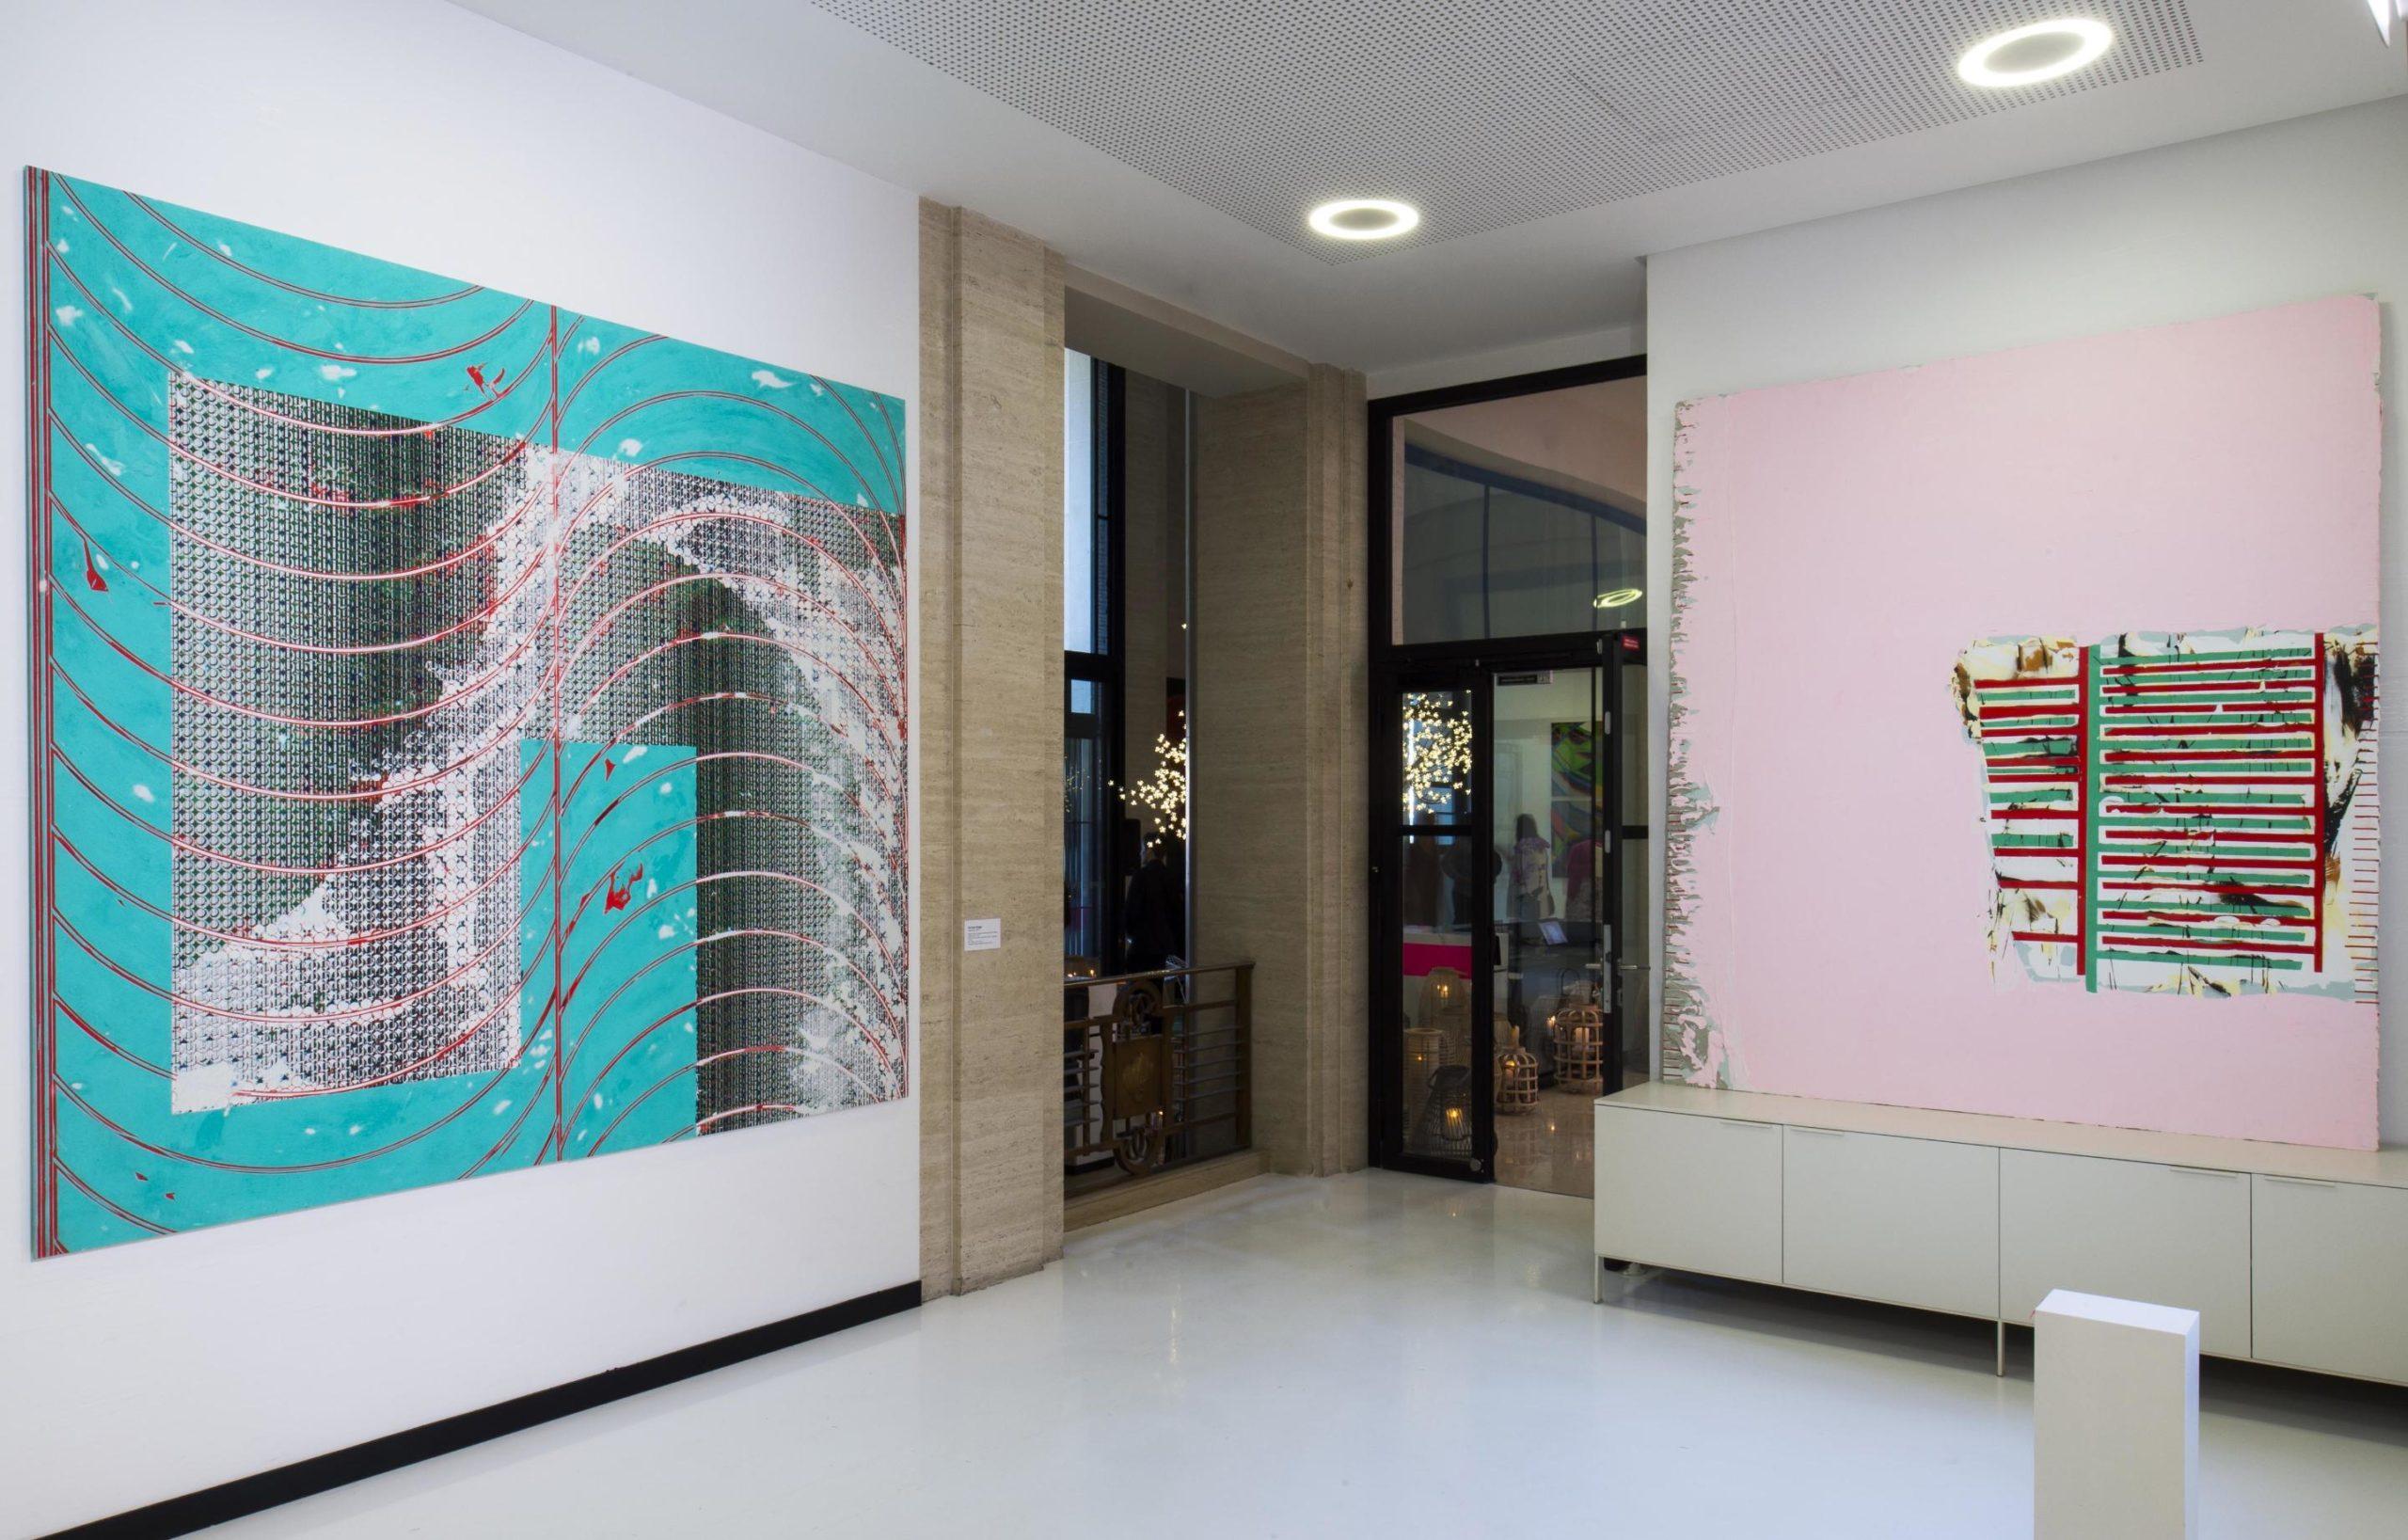 Prix Jean-François Prat 2018 - Nicolas Roggy © via Fondation Bredin Prat